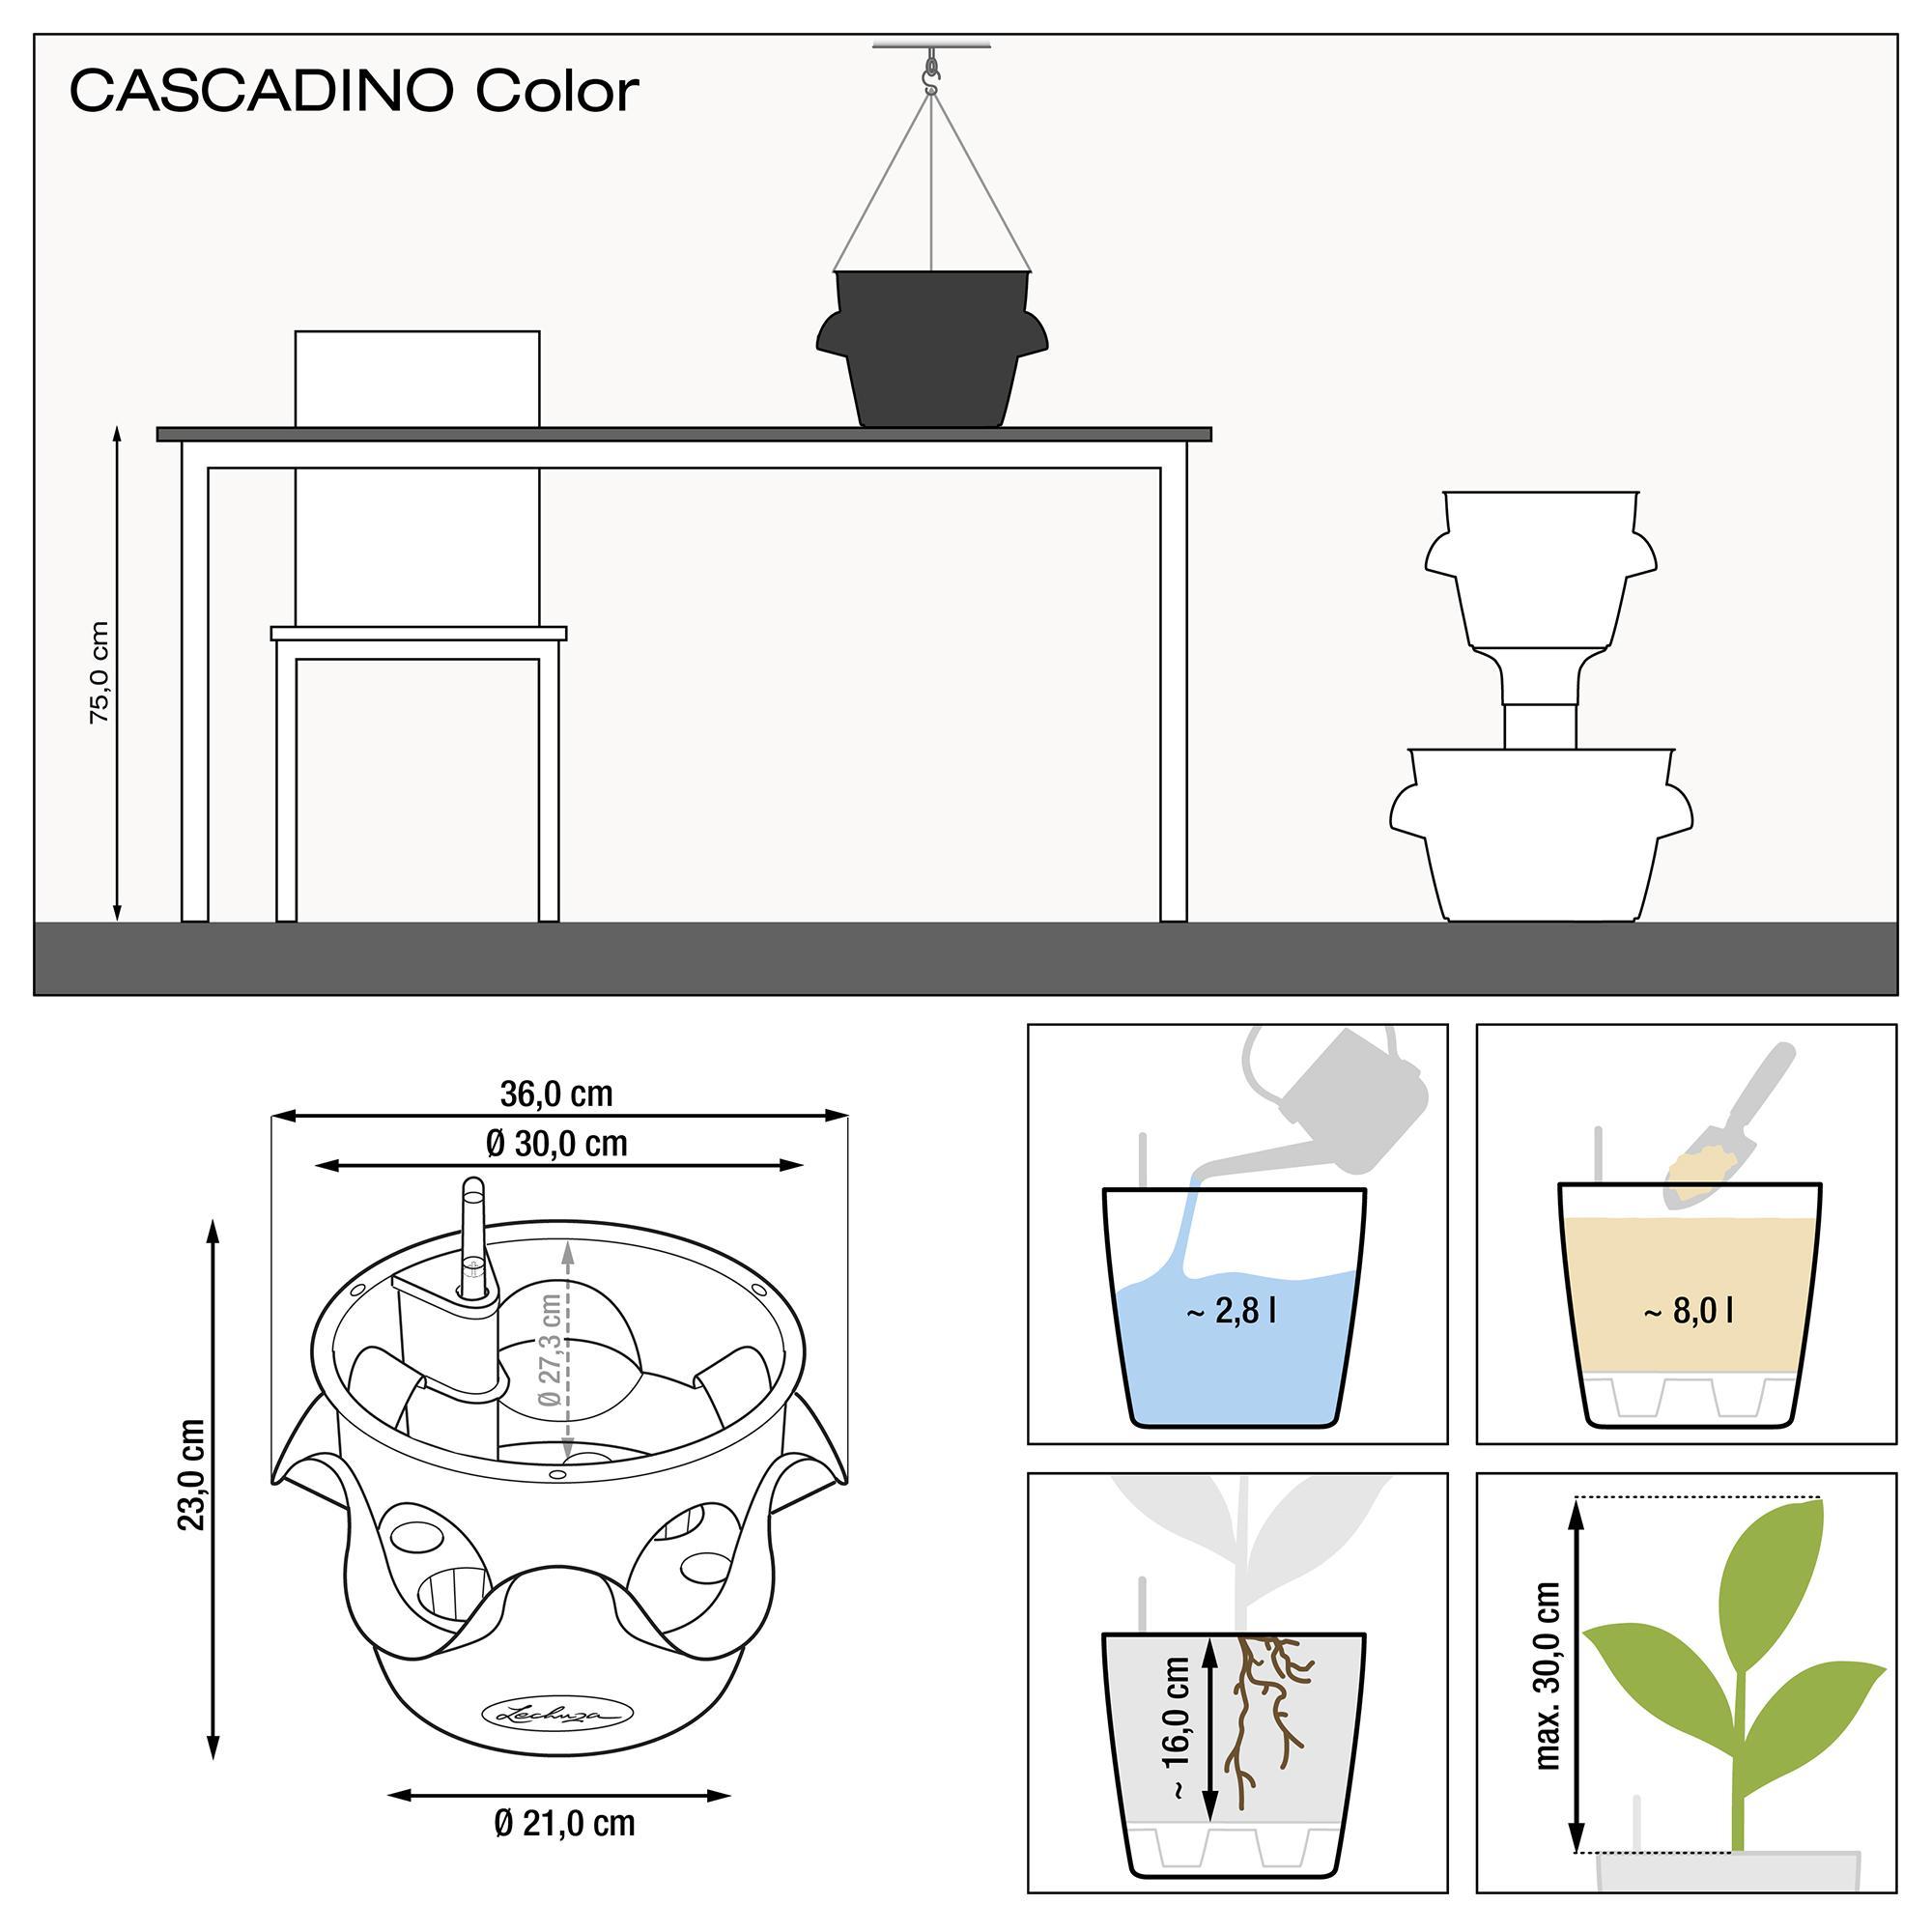 CASCADINO Color Maceta con colgante individual verde pistacho - Imagen 2